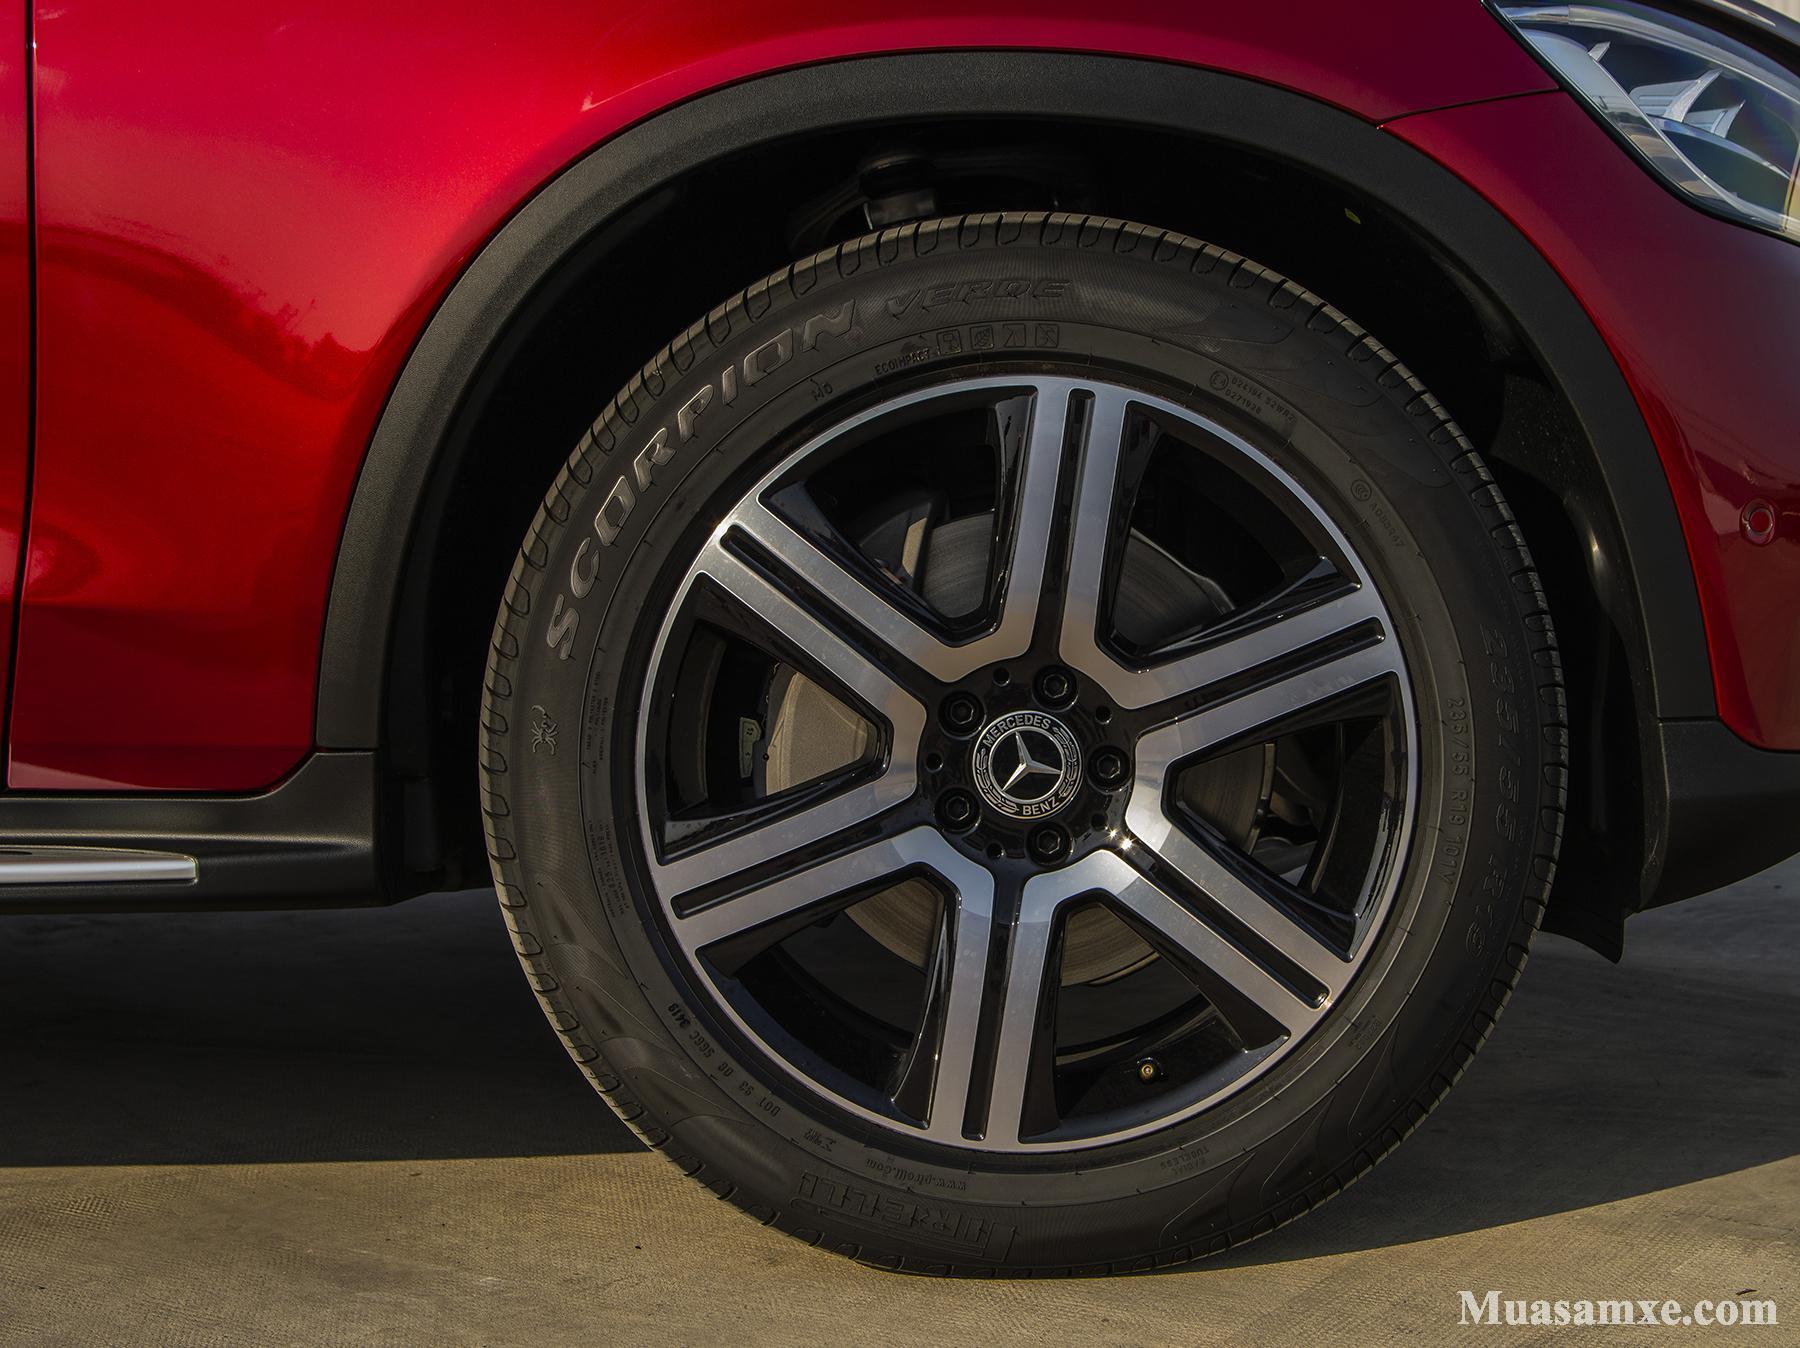 Bộ mâm mới đầy sức mạnh của Mercedes GLC 200 4MATIC